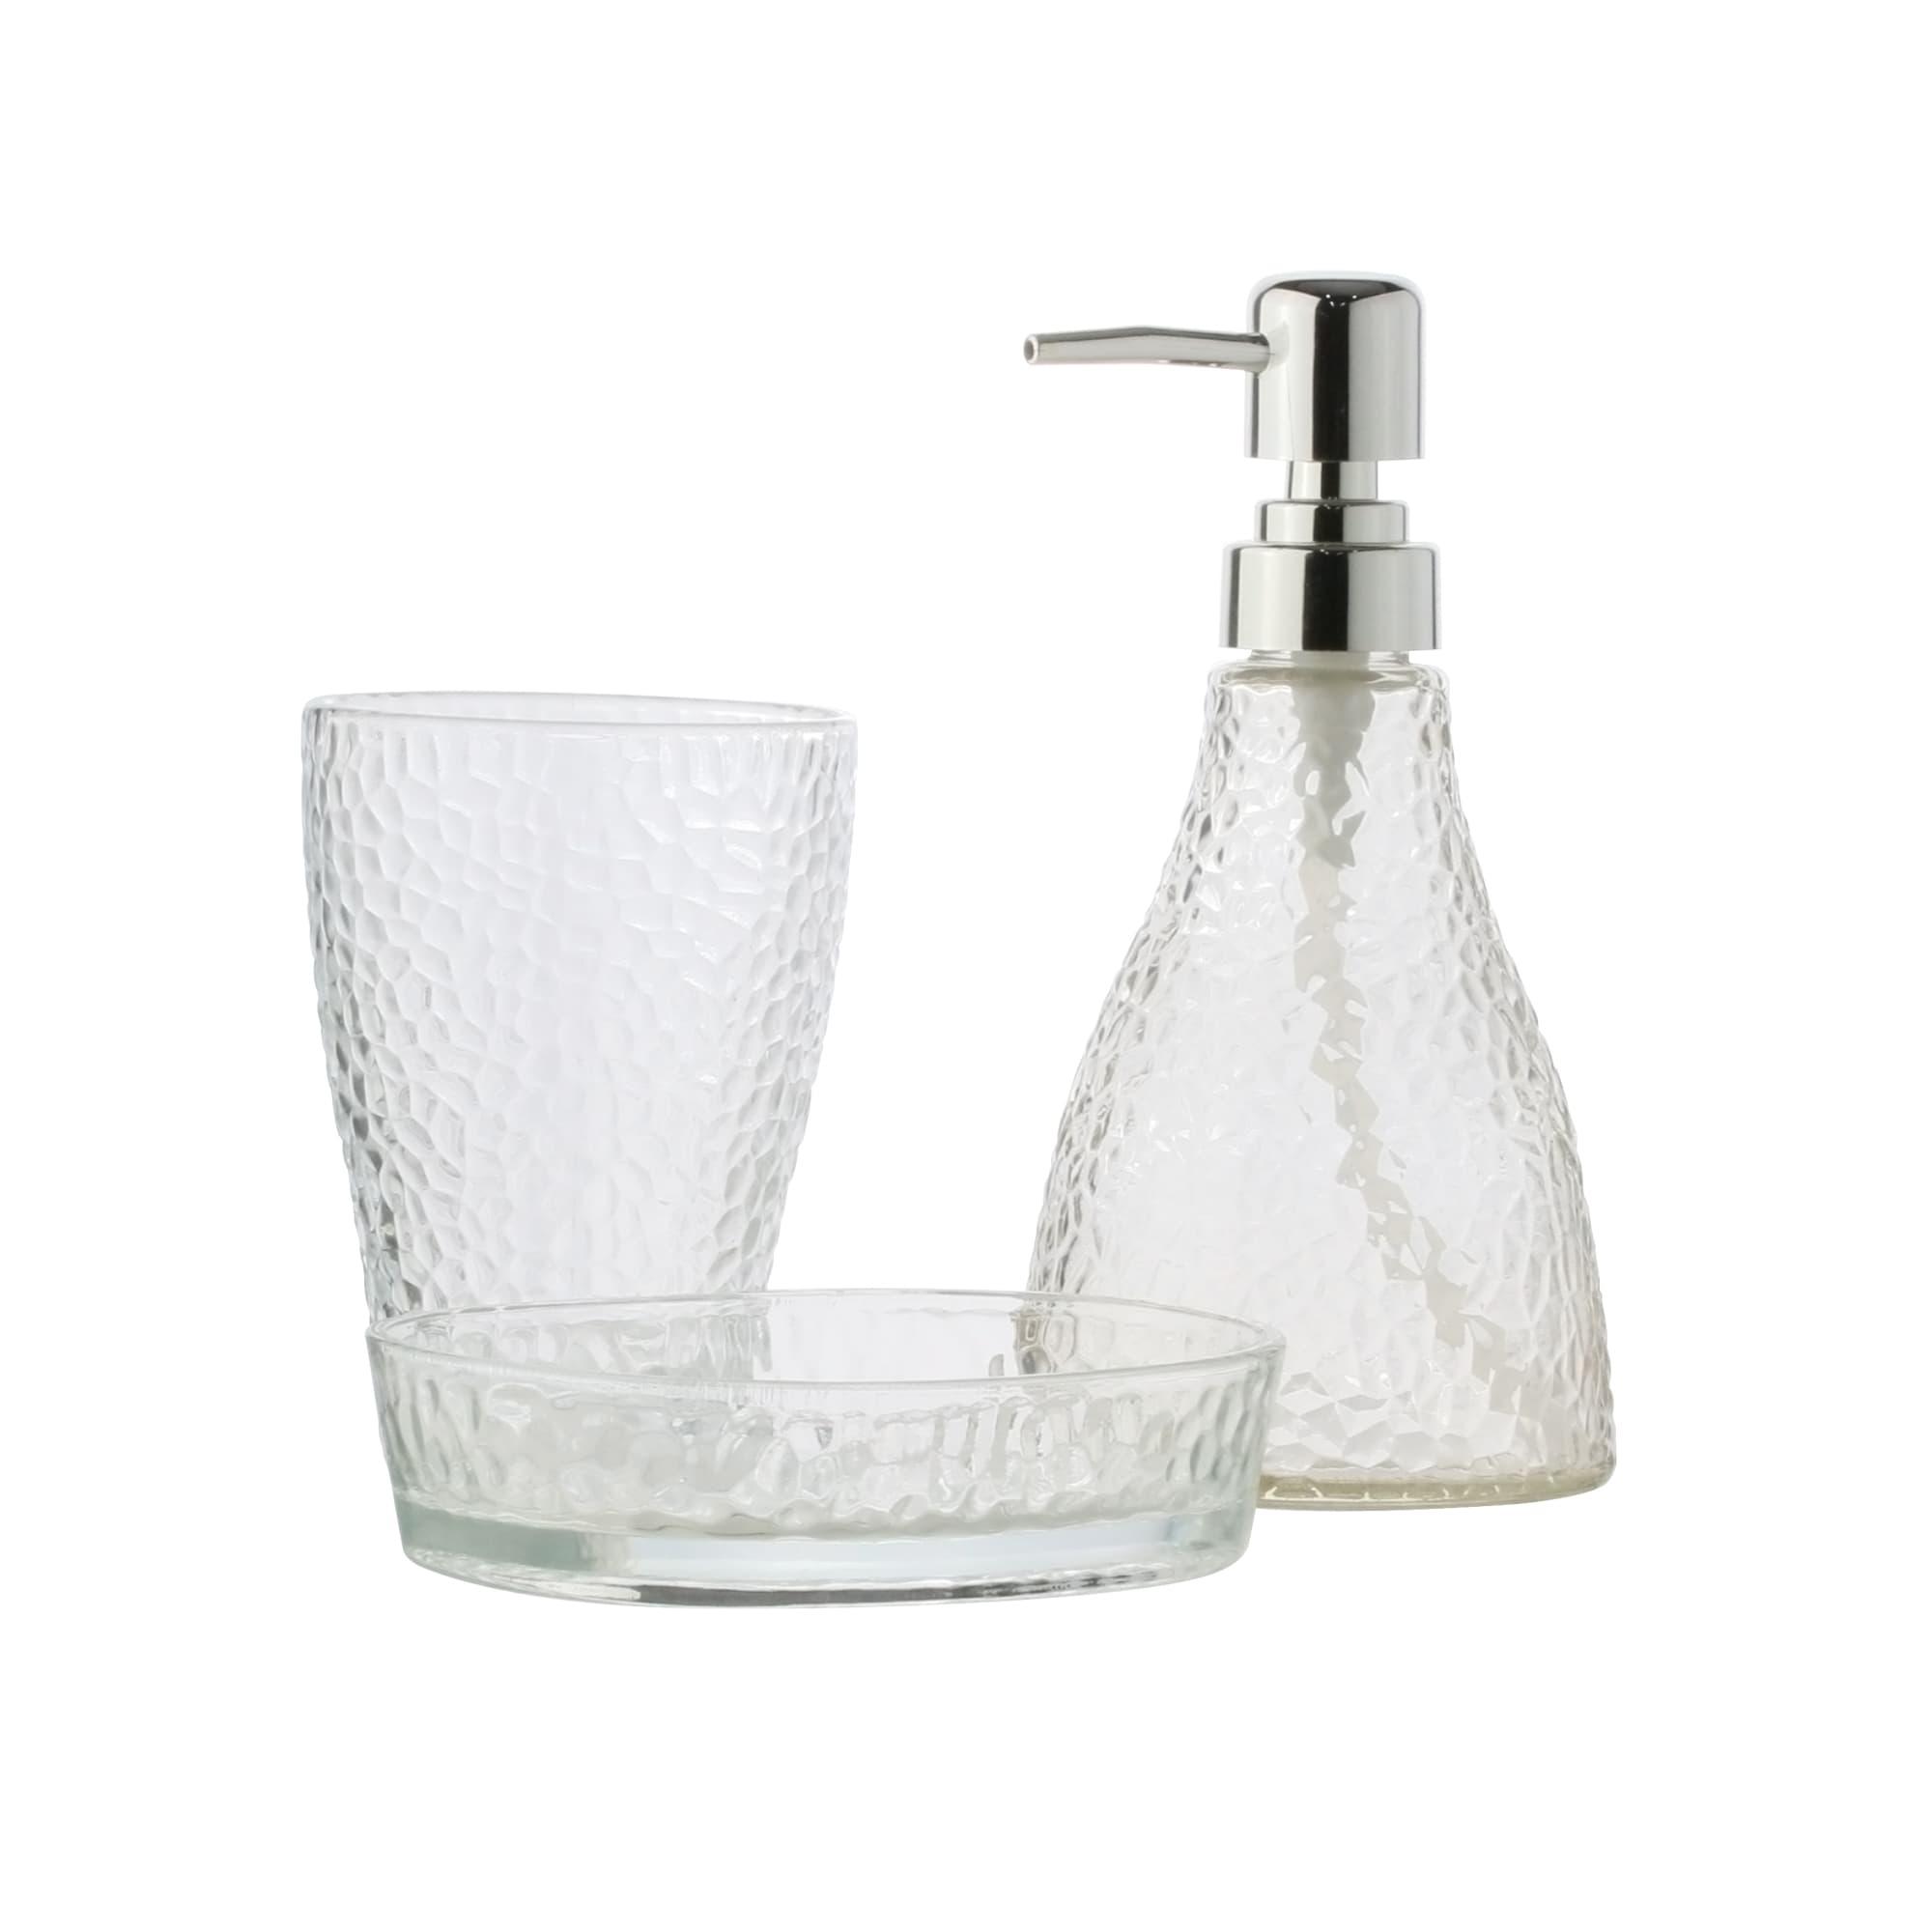 Conjunto de 3 peças para banheiro de Vidro Elegant Prateado